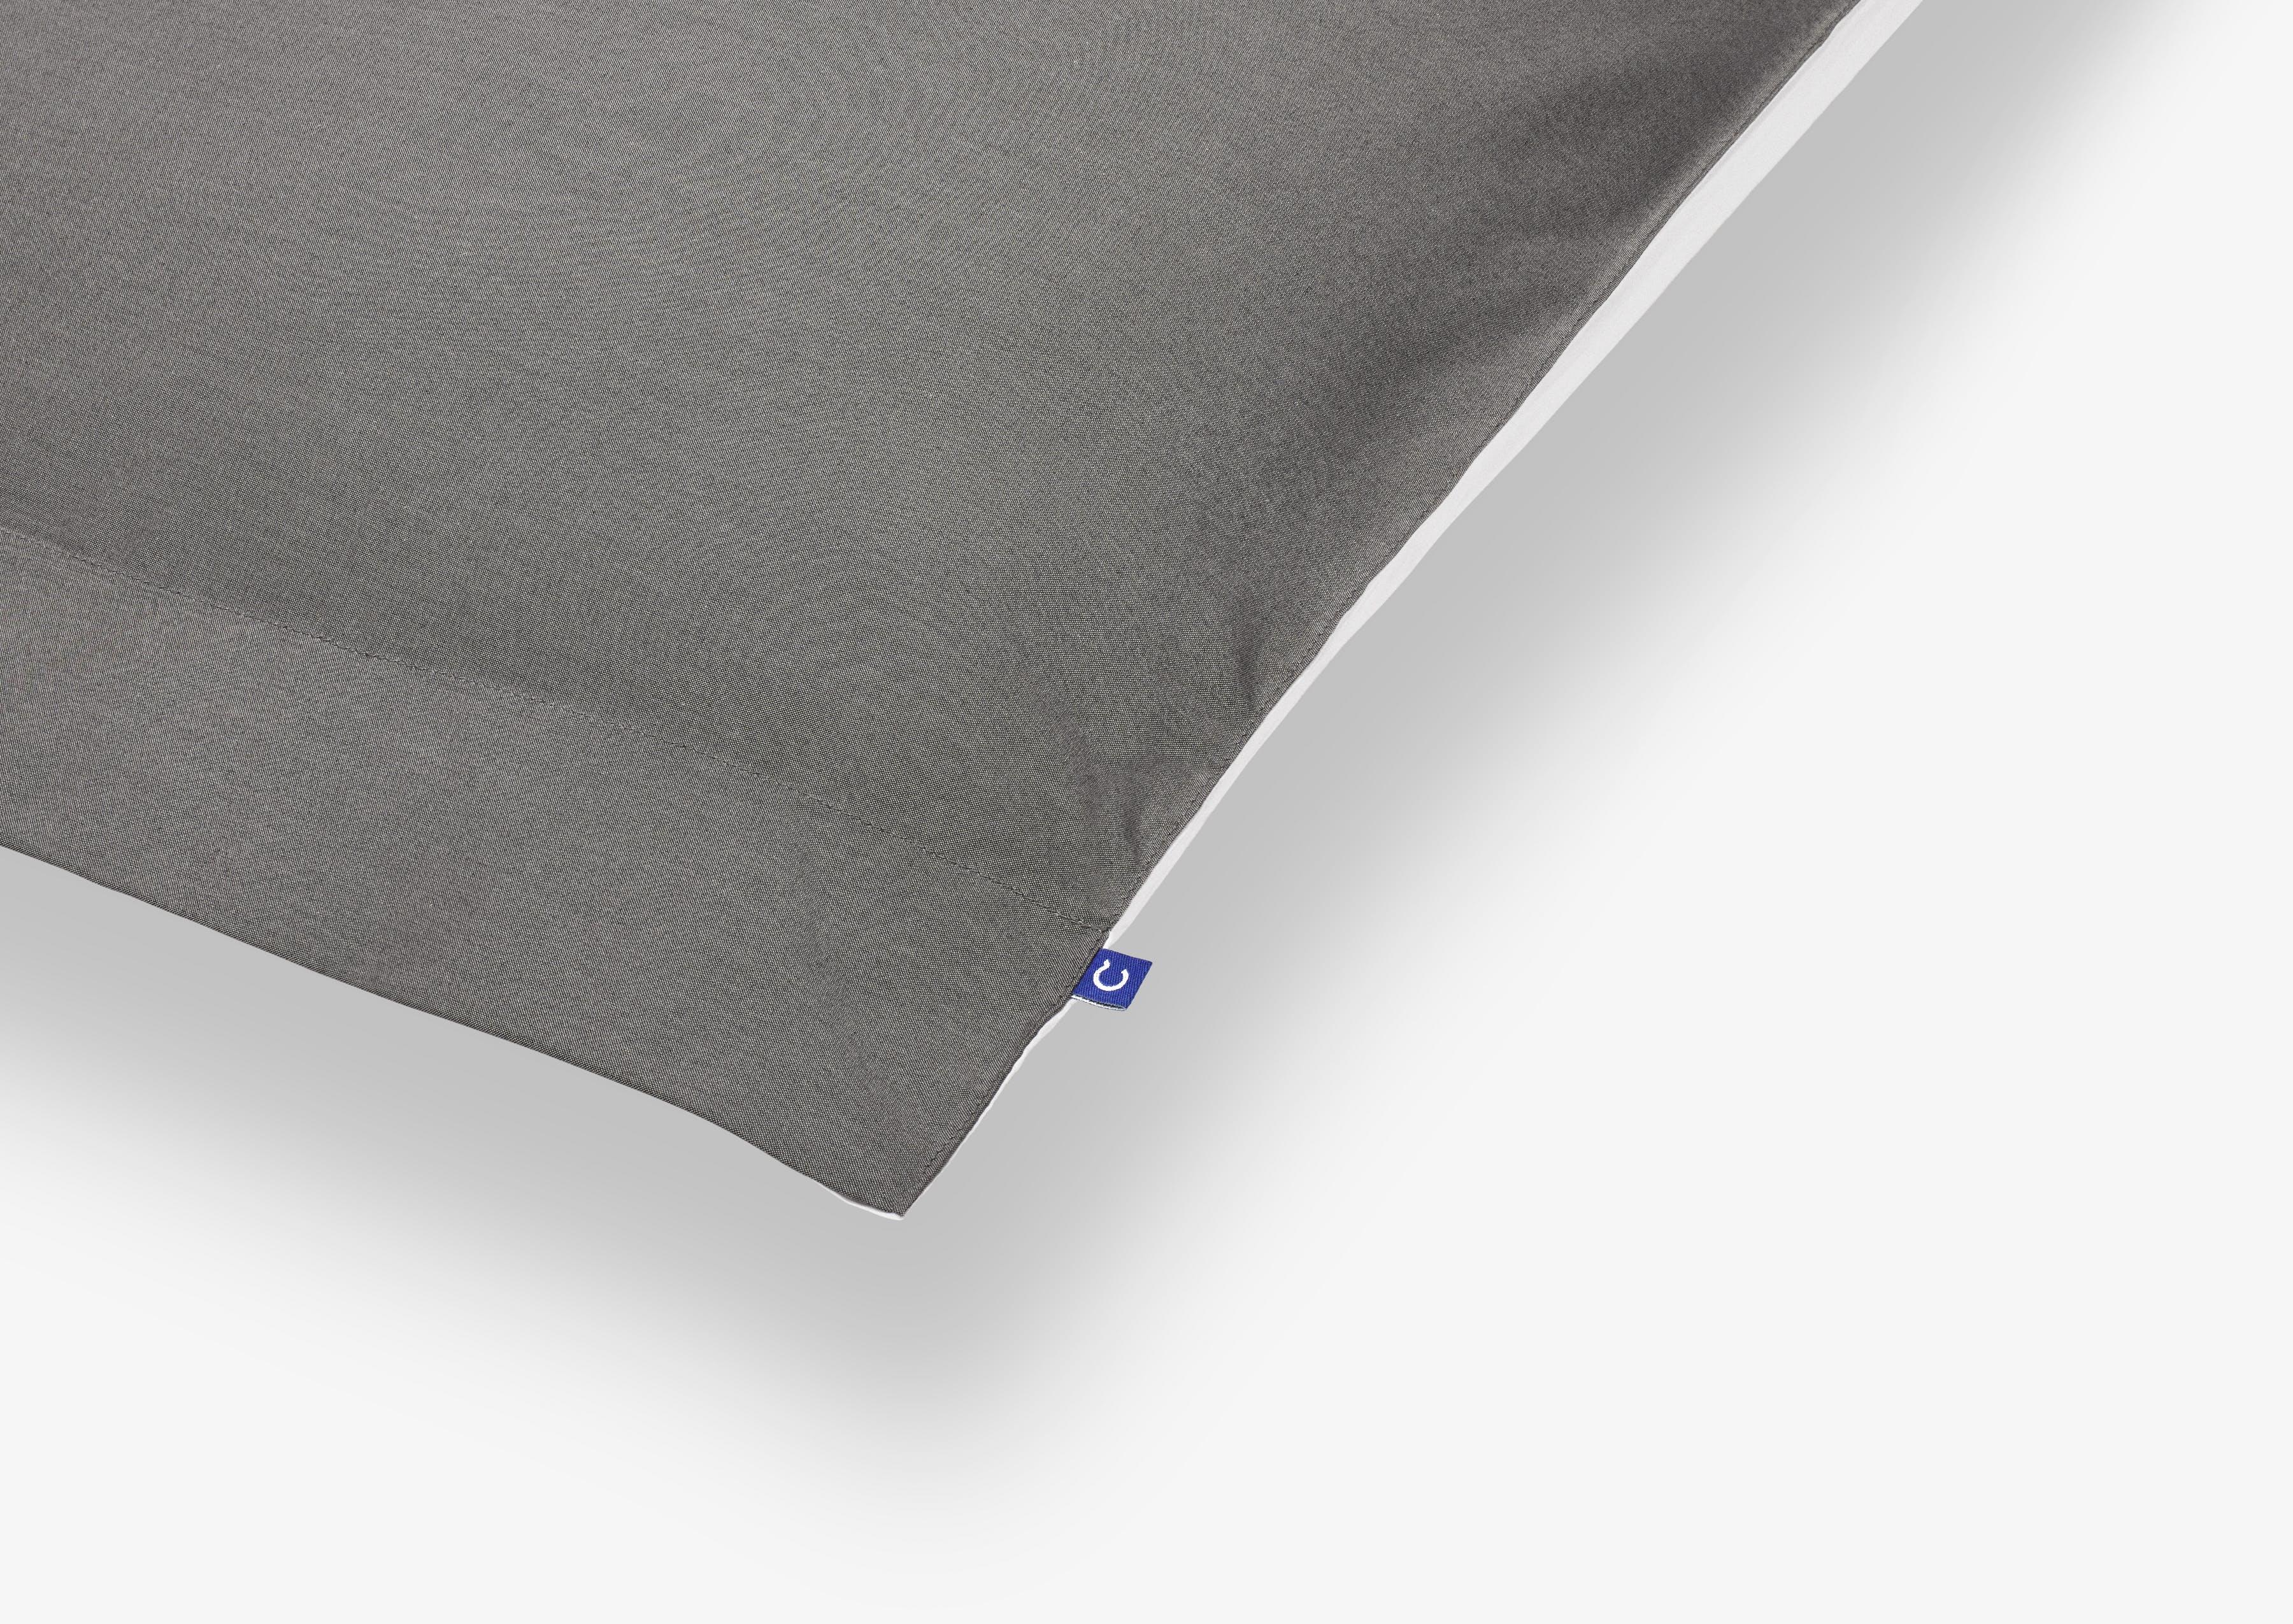 Casper White-Chambray Sheets (Sheet)